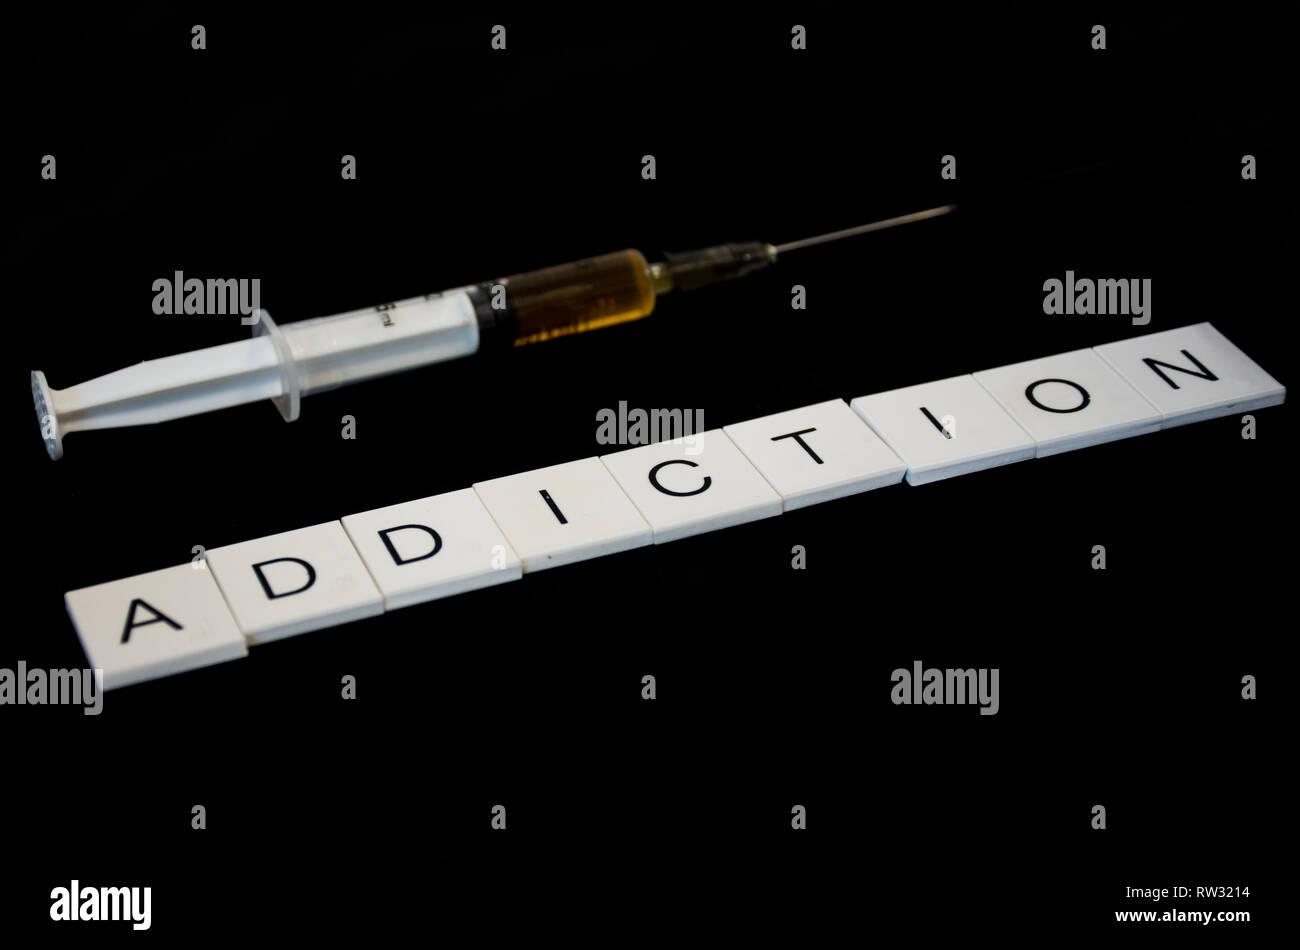 Full Syringe Stock Photos & Full Syringe Stock Images - Alamy